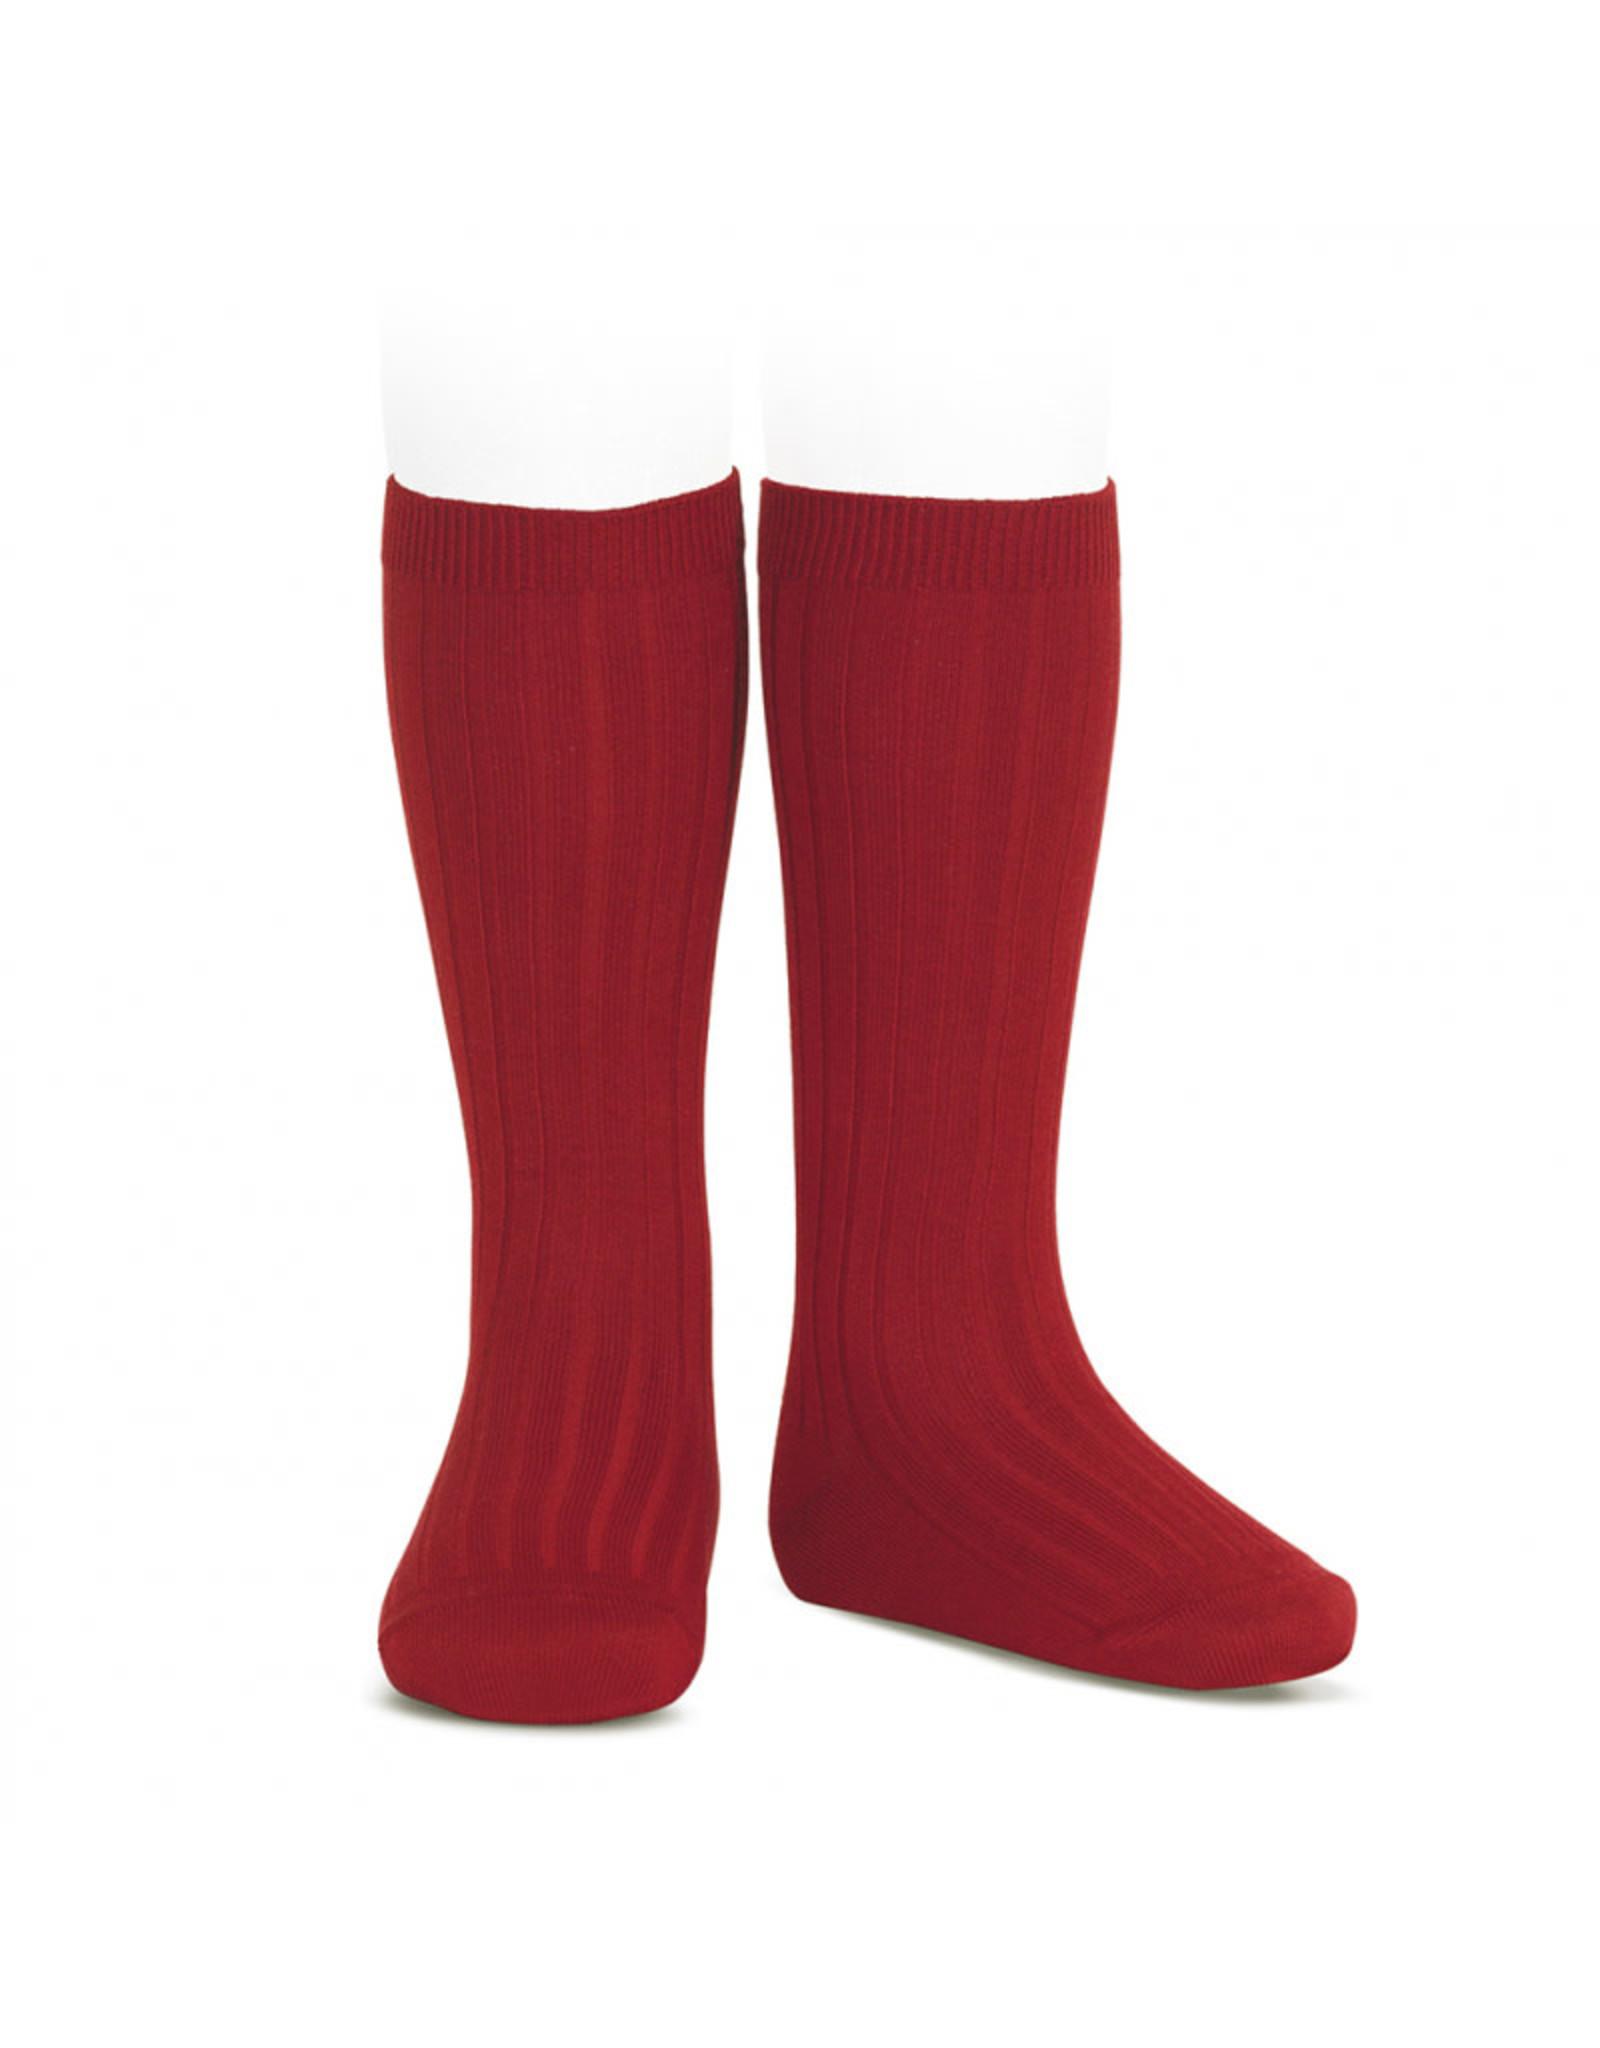 CONDOR Cherry Ribbed Knee Socks